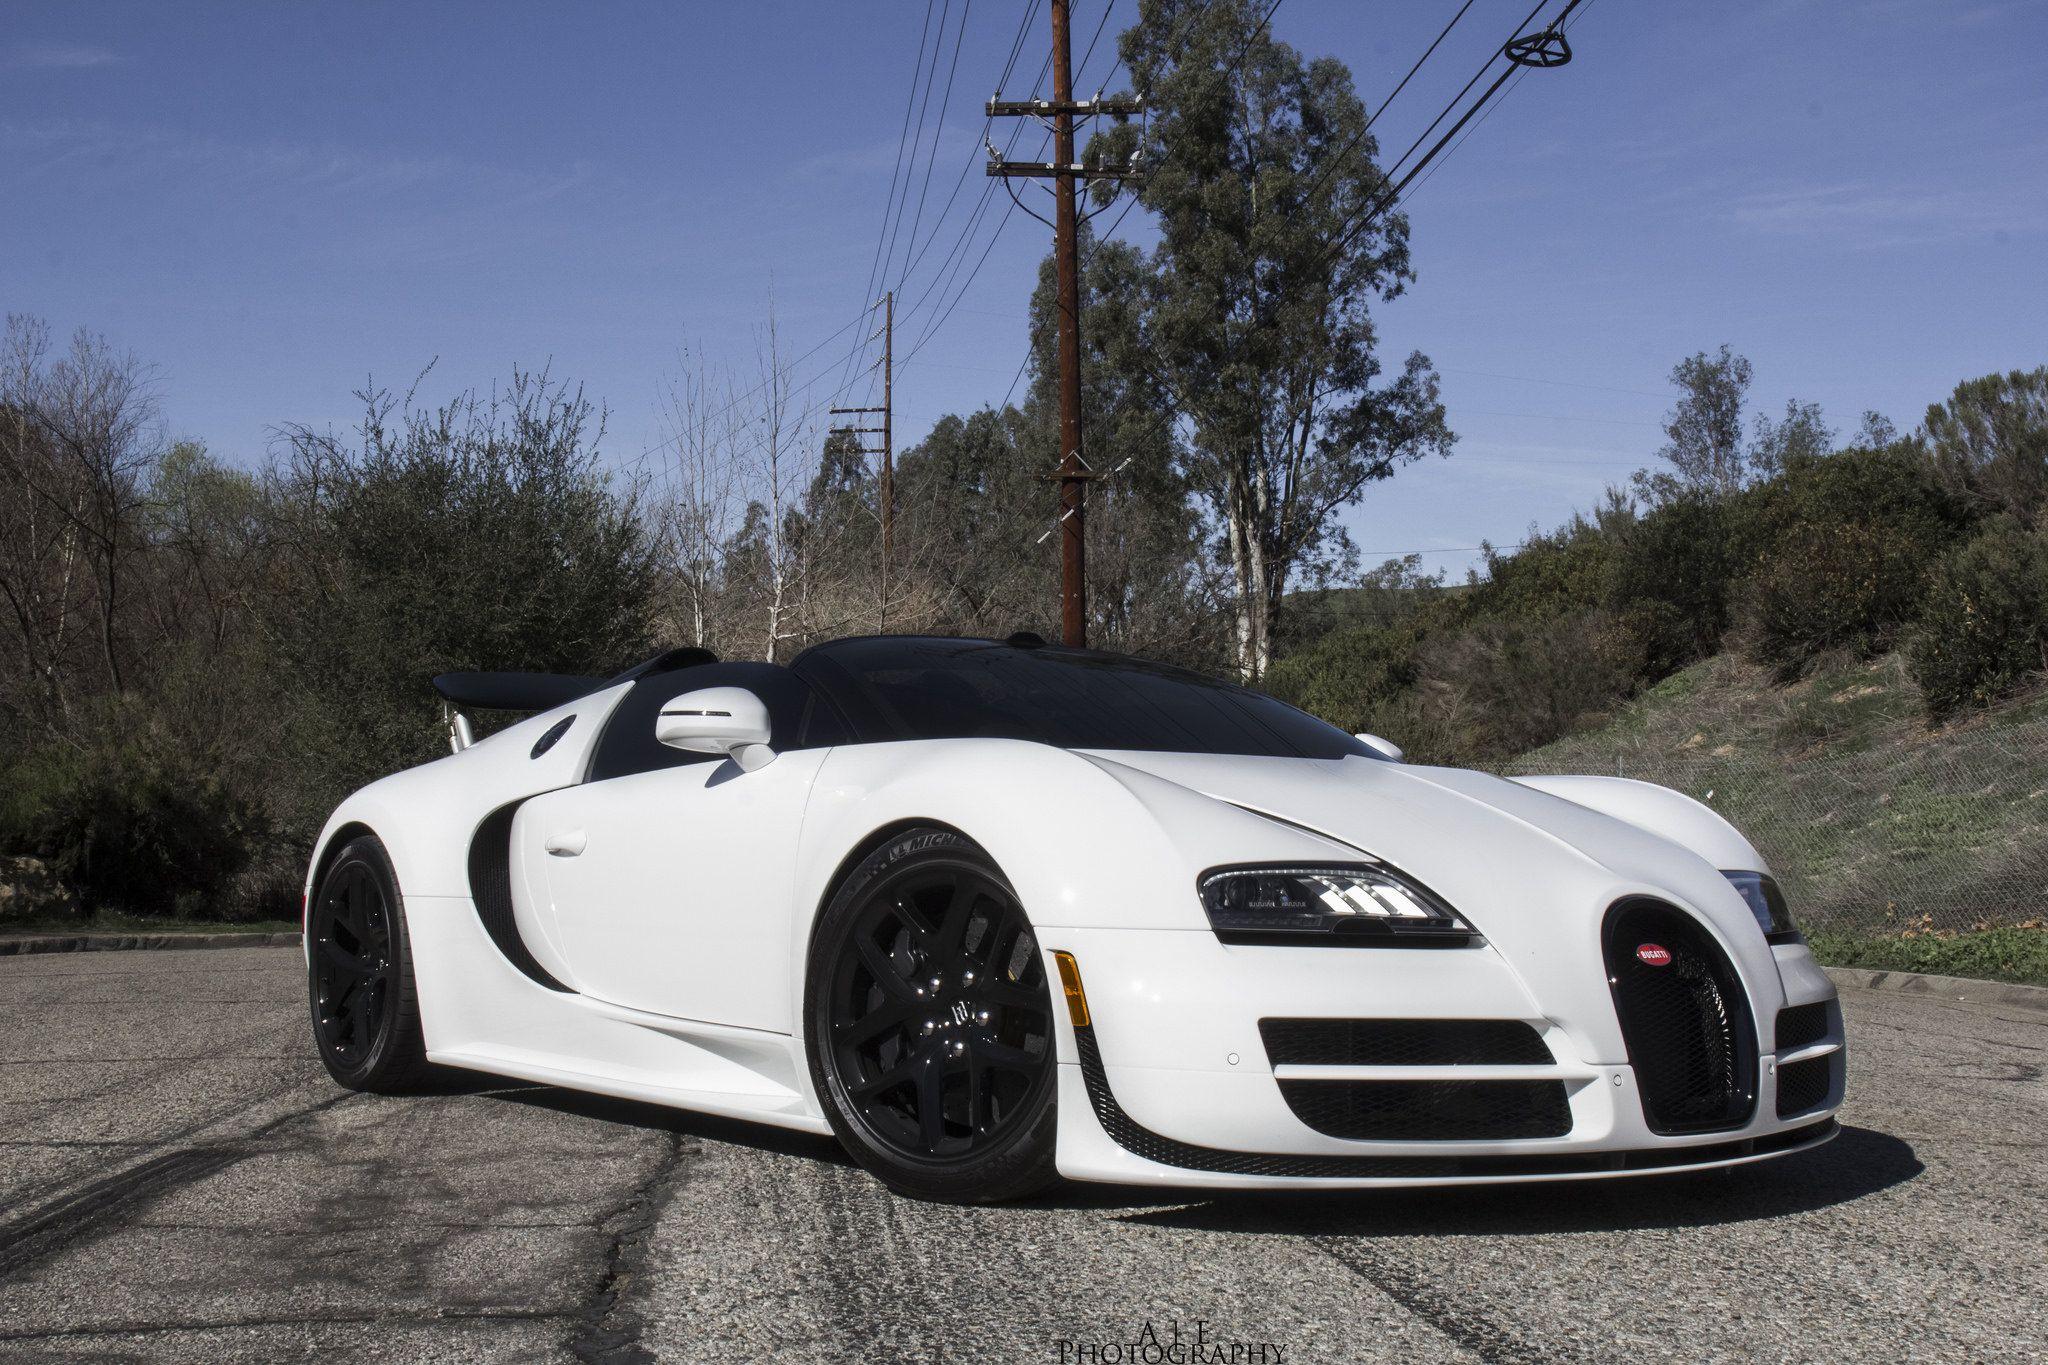 Beautiful White Bugatti Veyron Vitesse Front Side View